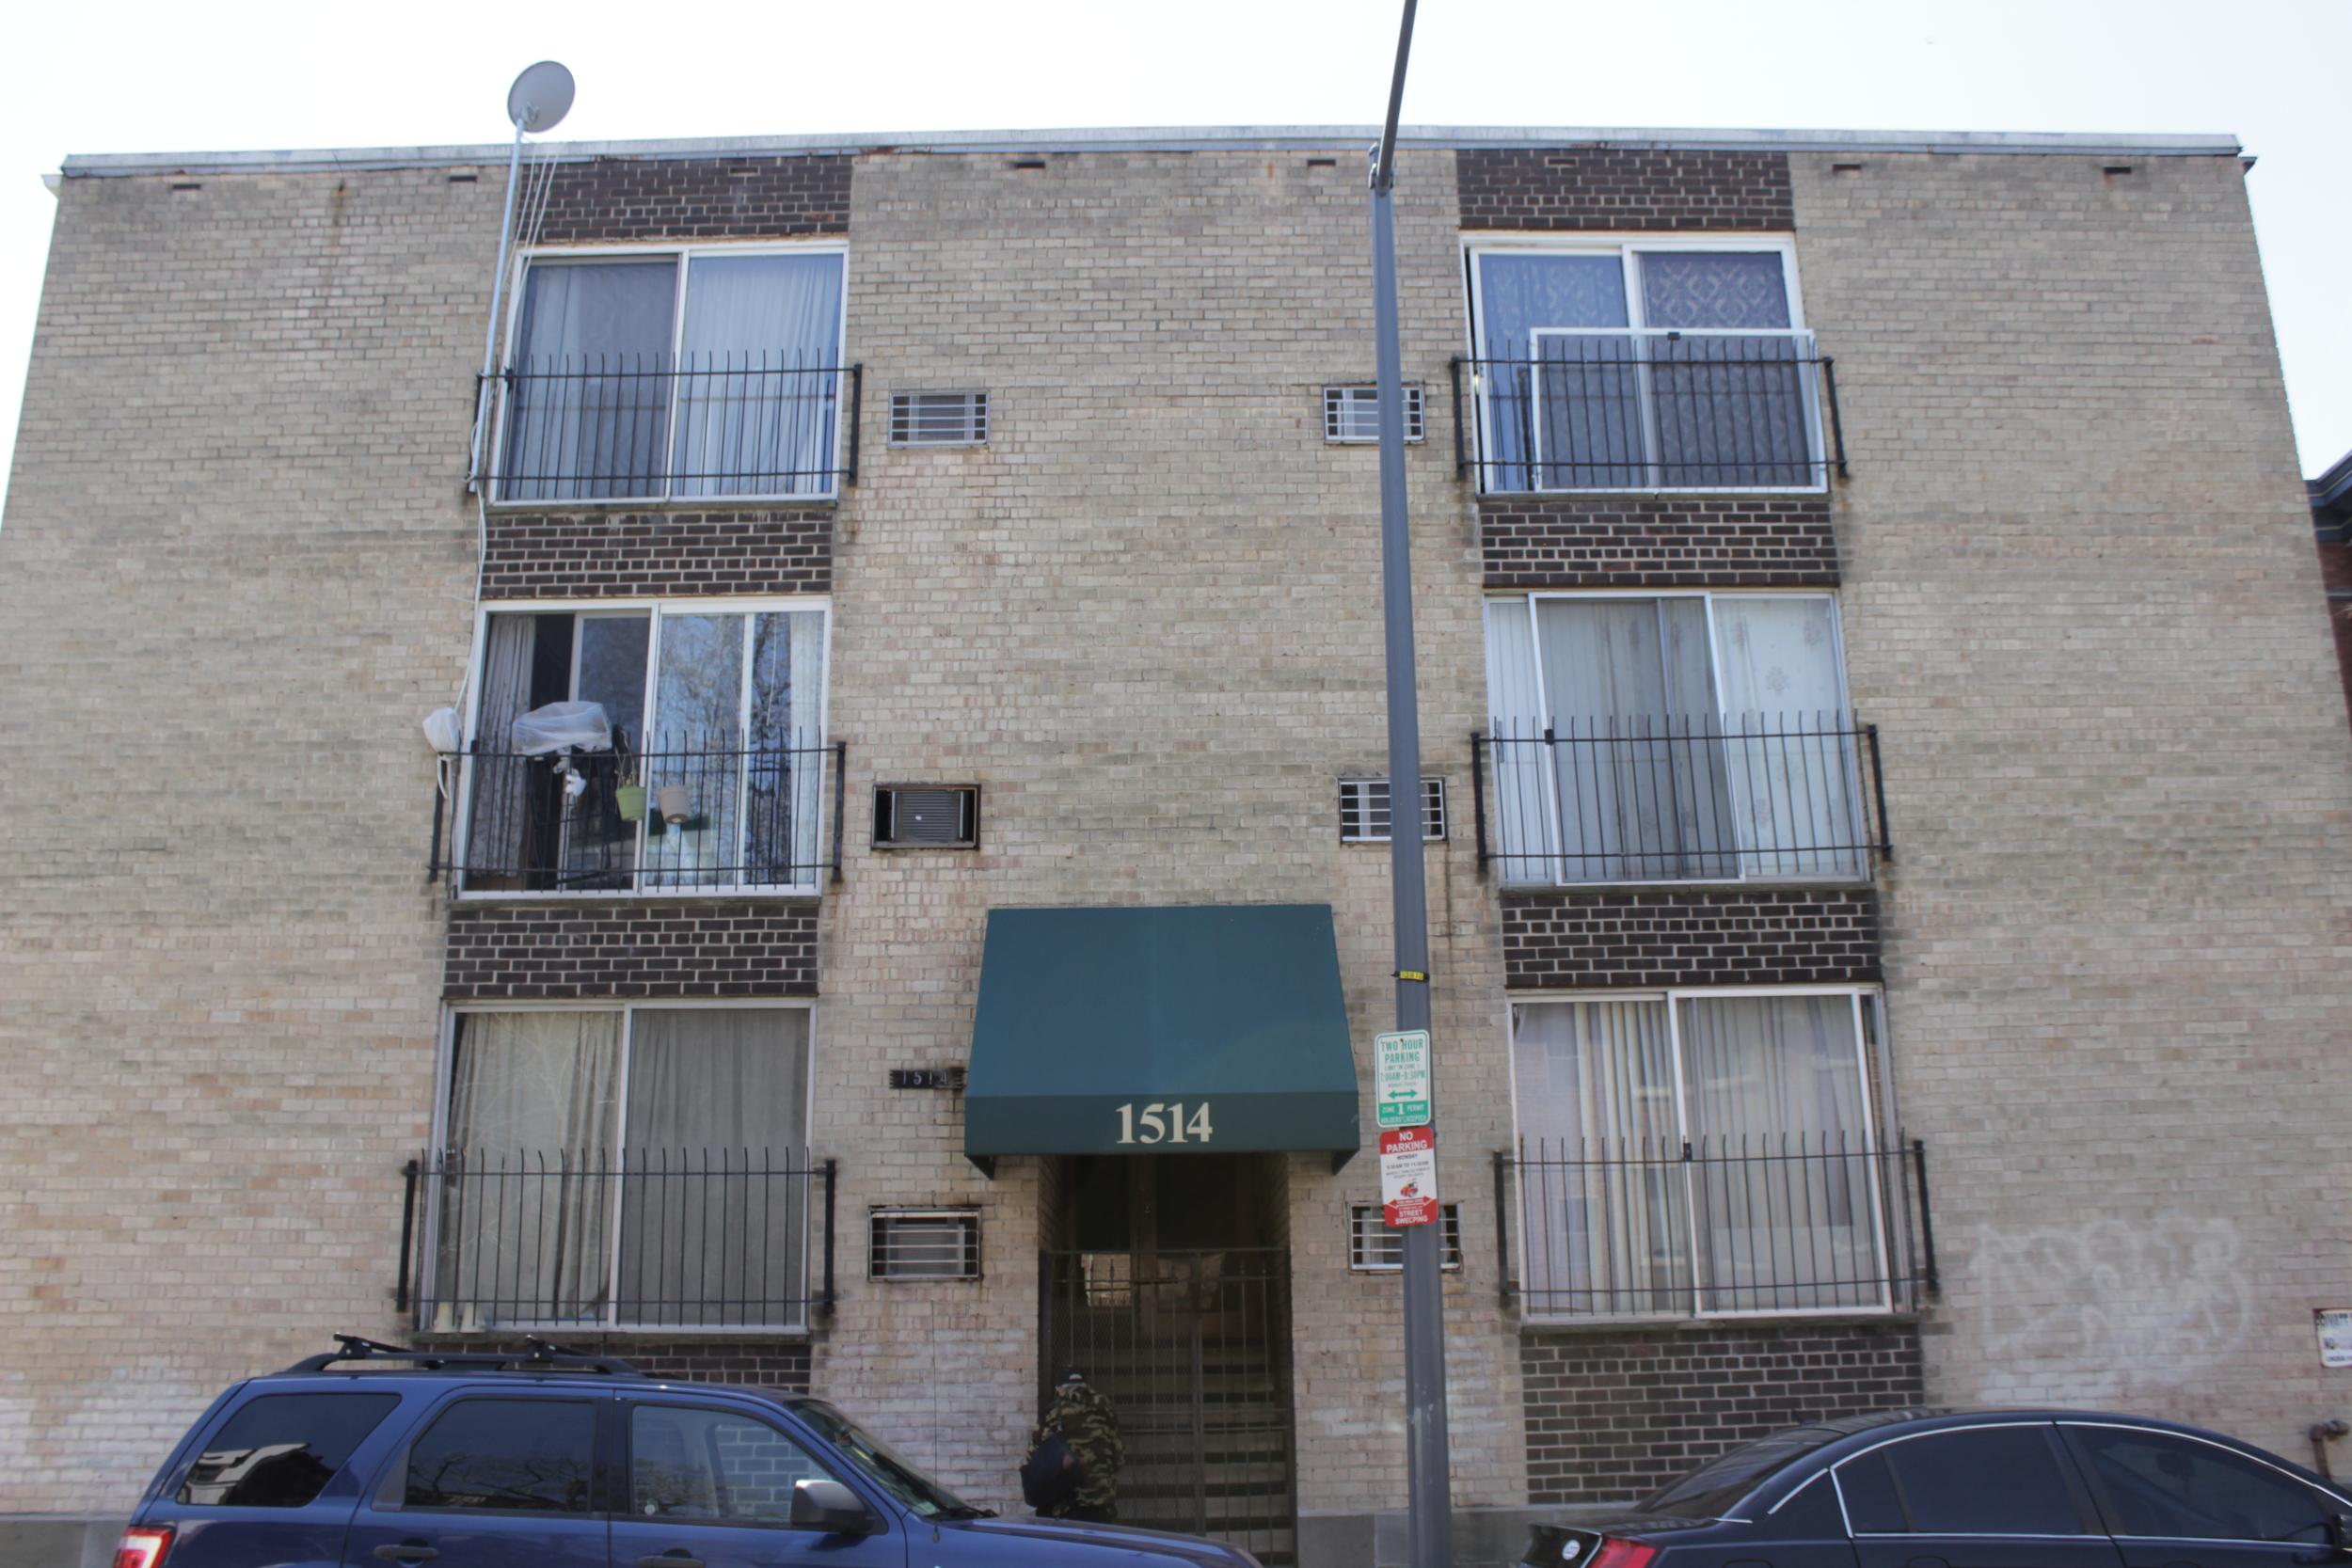 1514 Newton Street